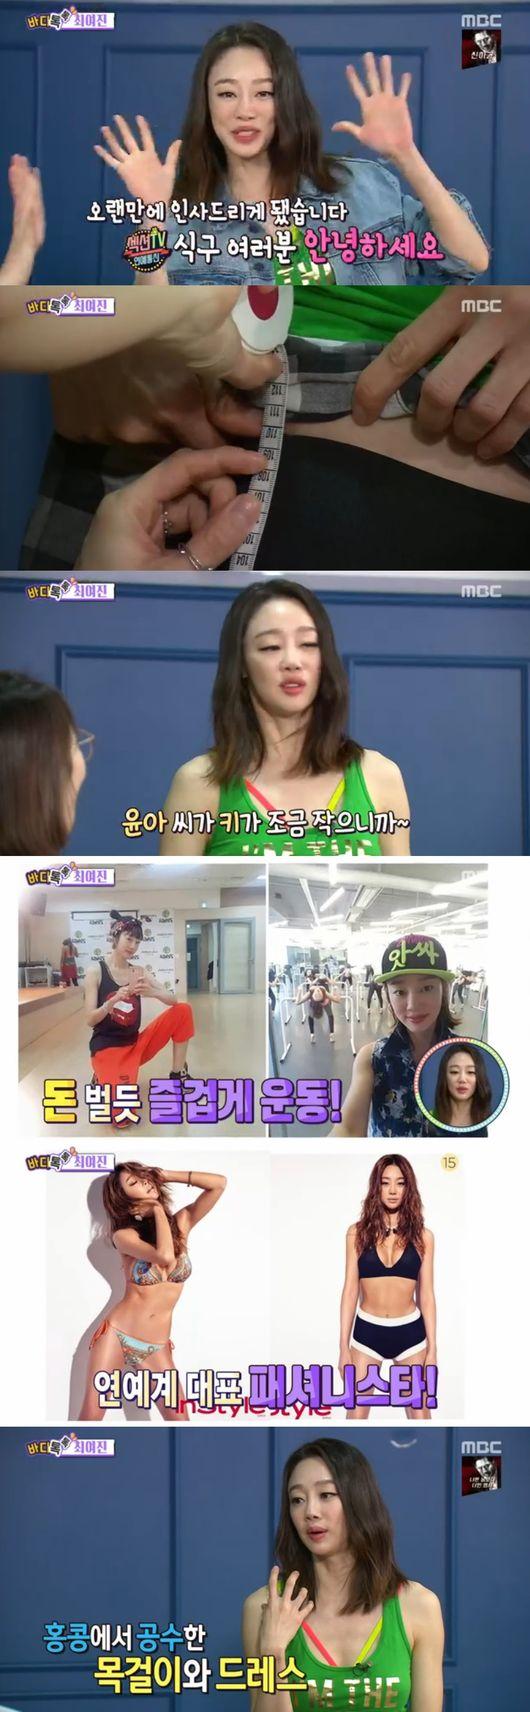 섹션TV 최여진, 다리길이만 110cm‥학다리 오윤아 이겼다 [Oh!쎈 리뷰]